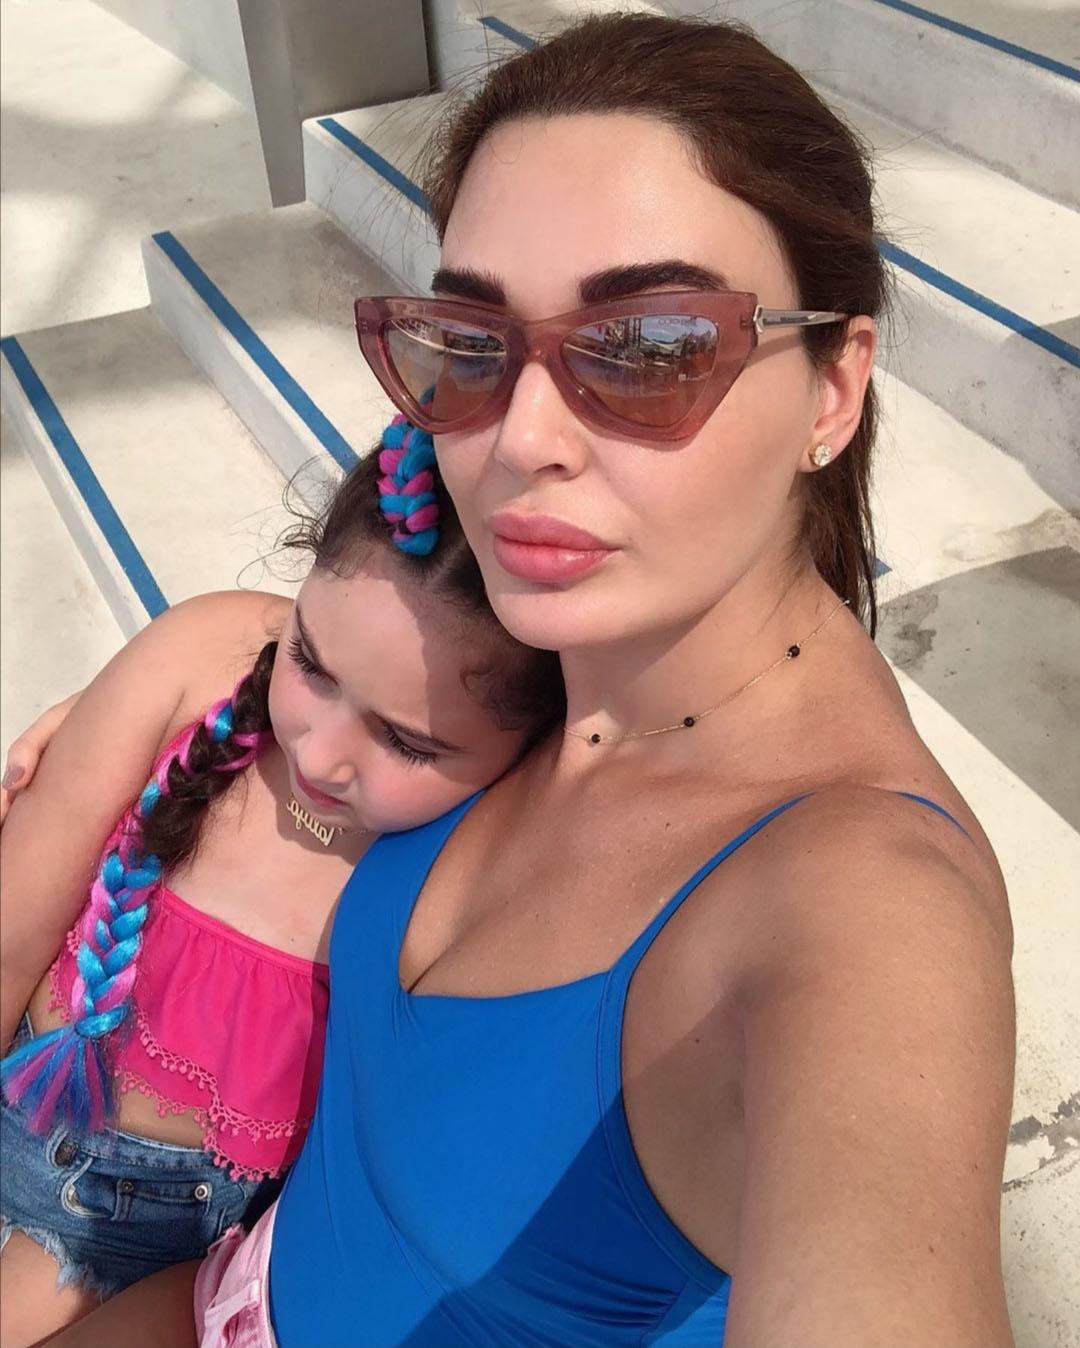 تحرص الممثلة والمغنية اللبنانية سيرين عبد النور على الحفاظ على خصوصية طفلتها تاليا (وسائل التواصل)